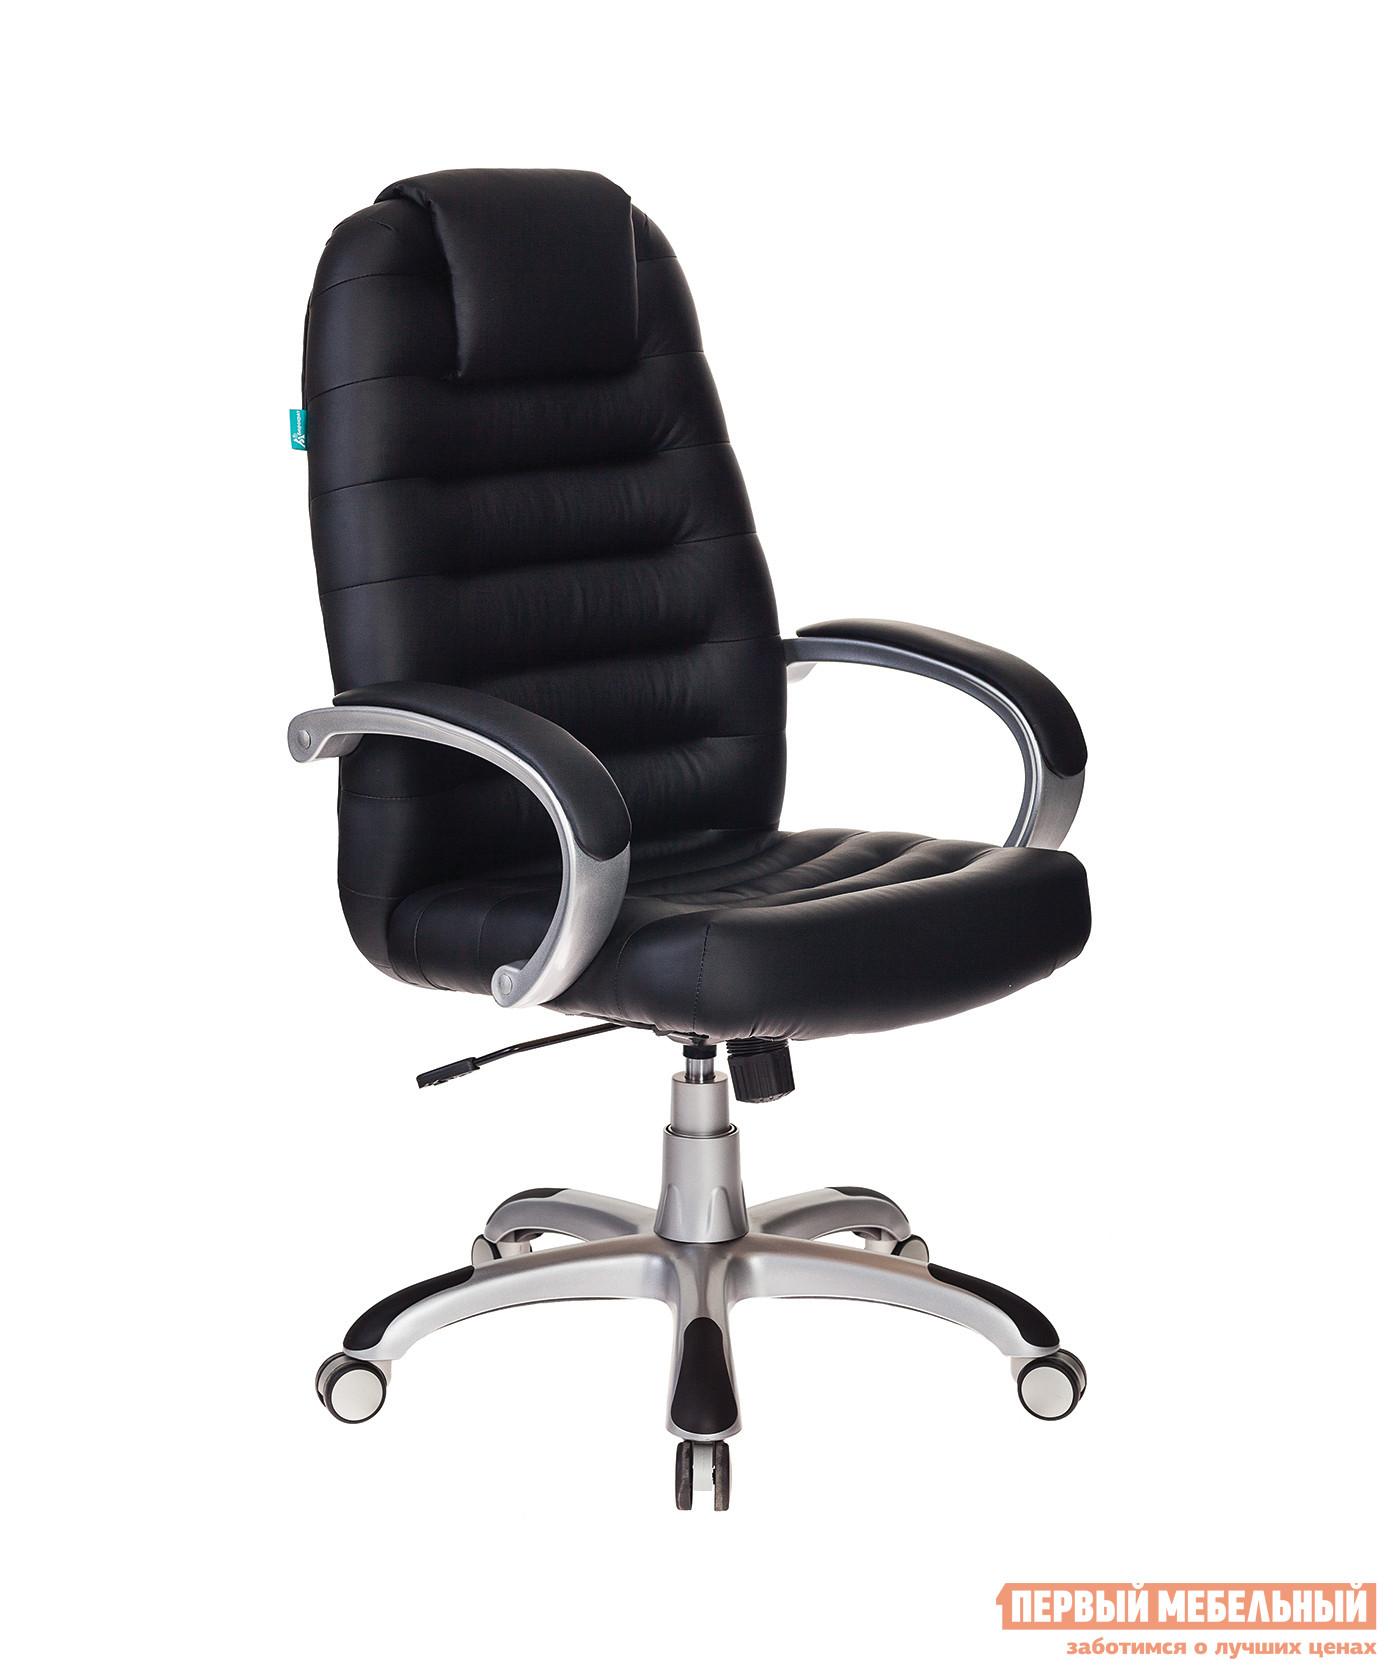 Кресло руководителя  Кресло руководителя T-9903S Black / иск. кожа черный